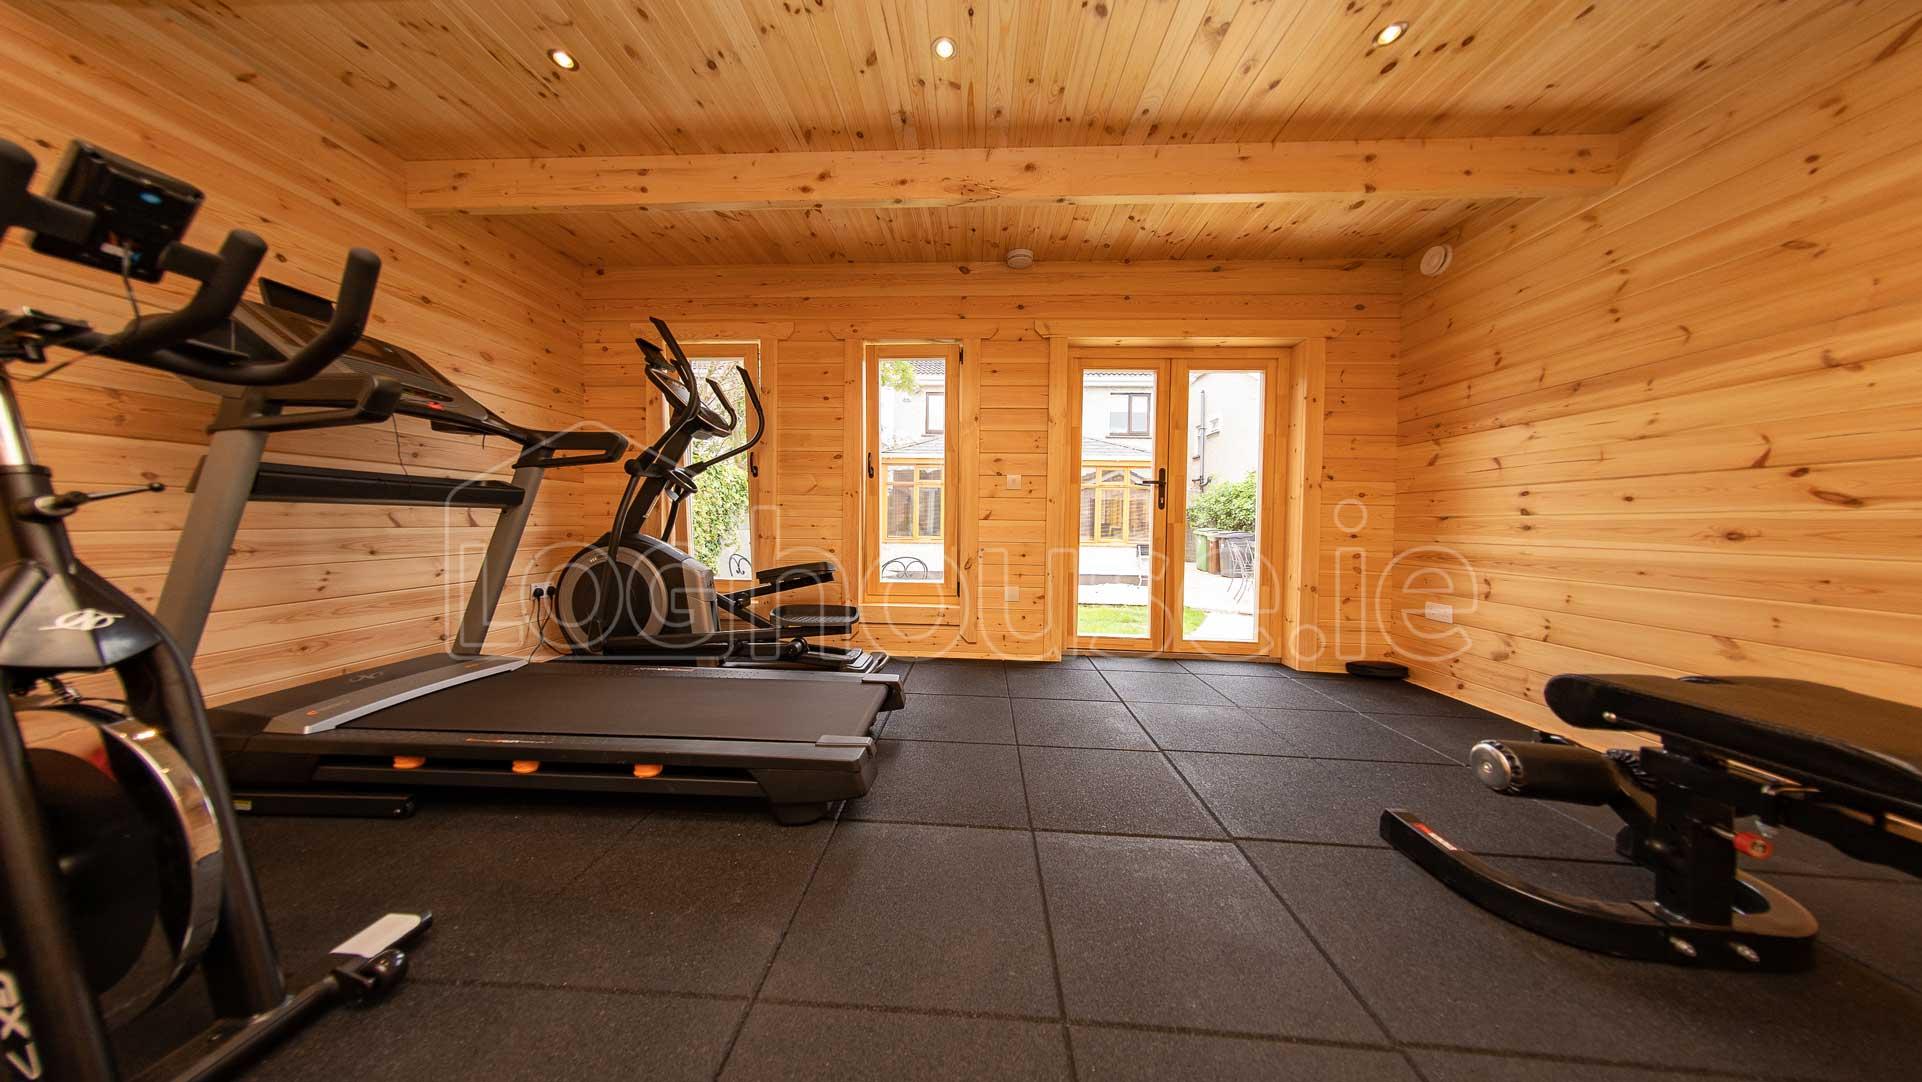 Clontarf-Contemporary log cabin-5m-x-4m-8